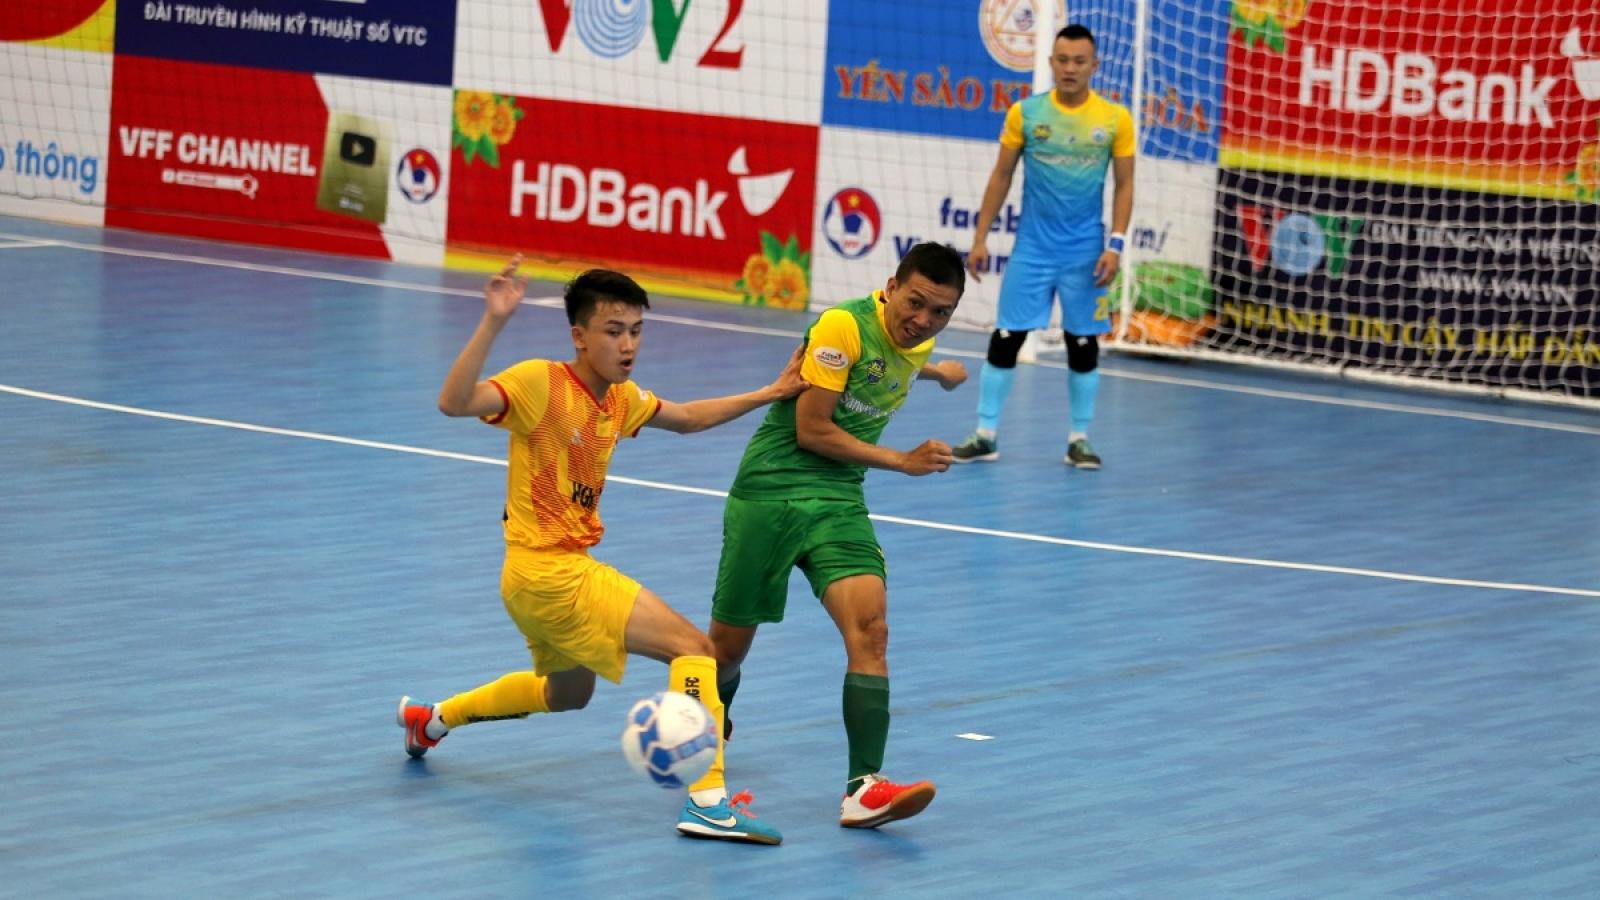 Xem trực tiếp Futsal HDBank VĐQG 2020: Hưng Gia Khang - Quảng Nam